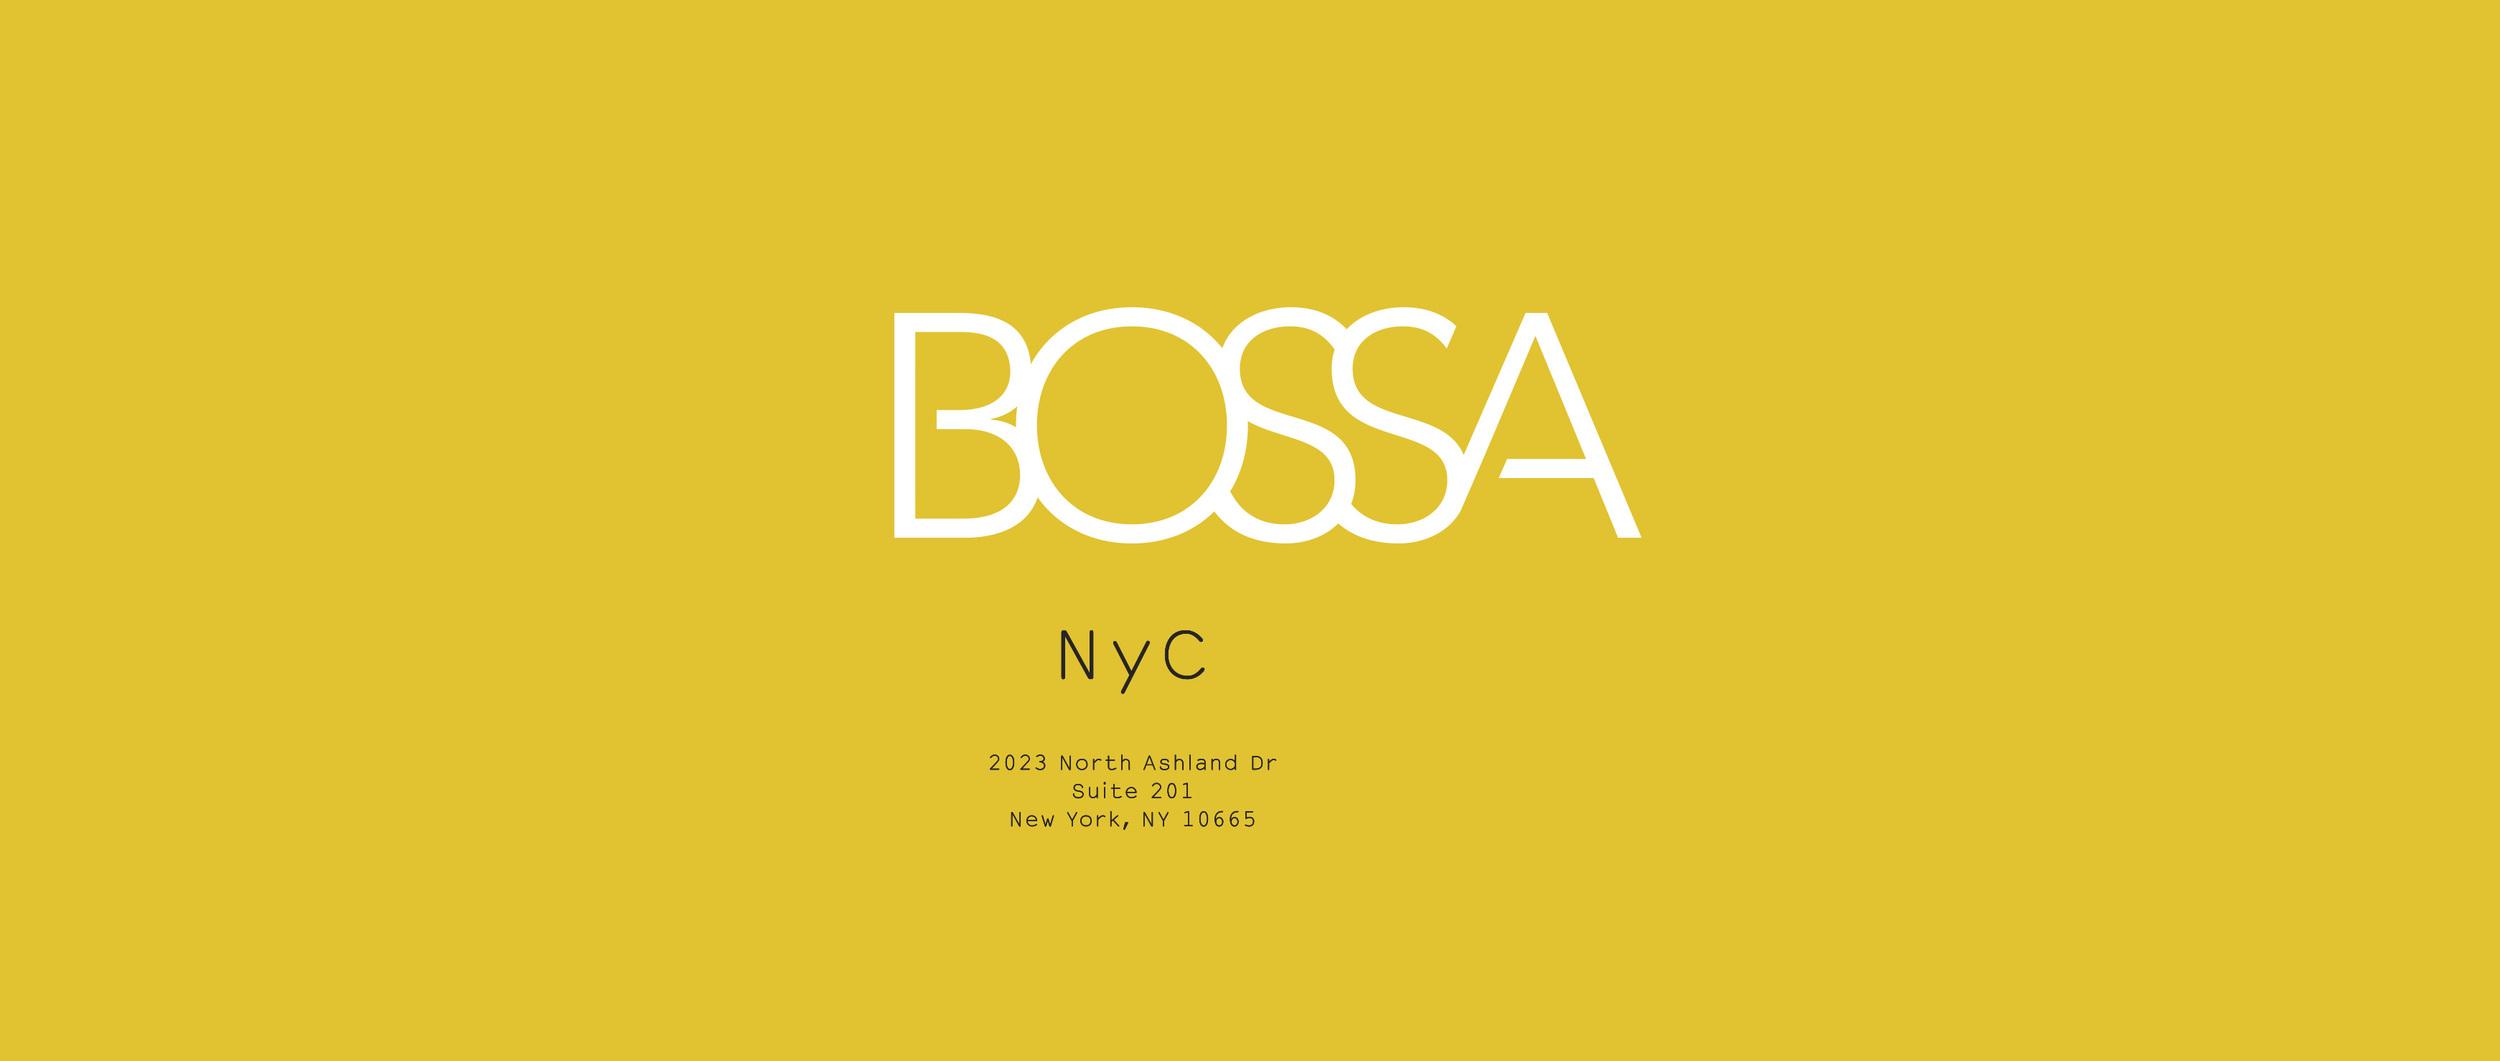 _0013_bossa.jpg